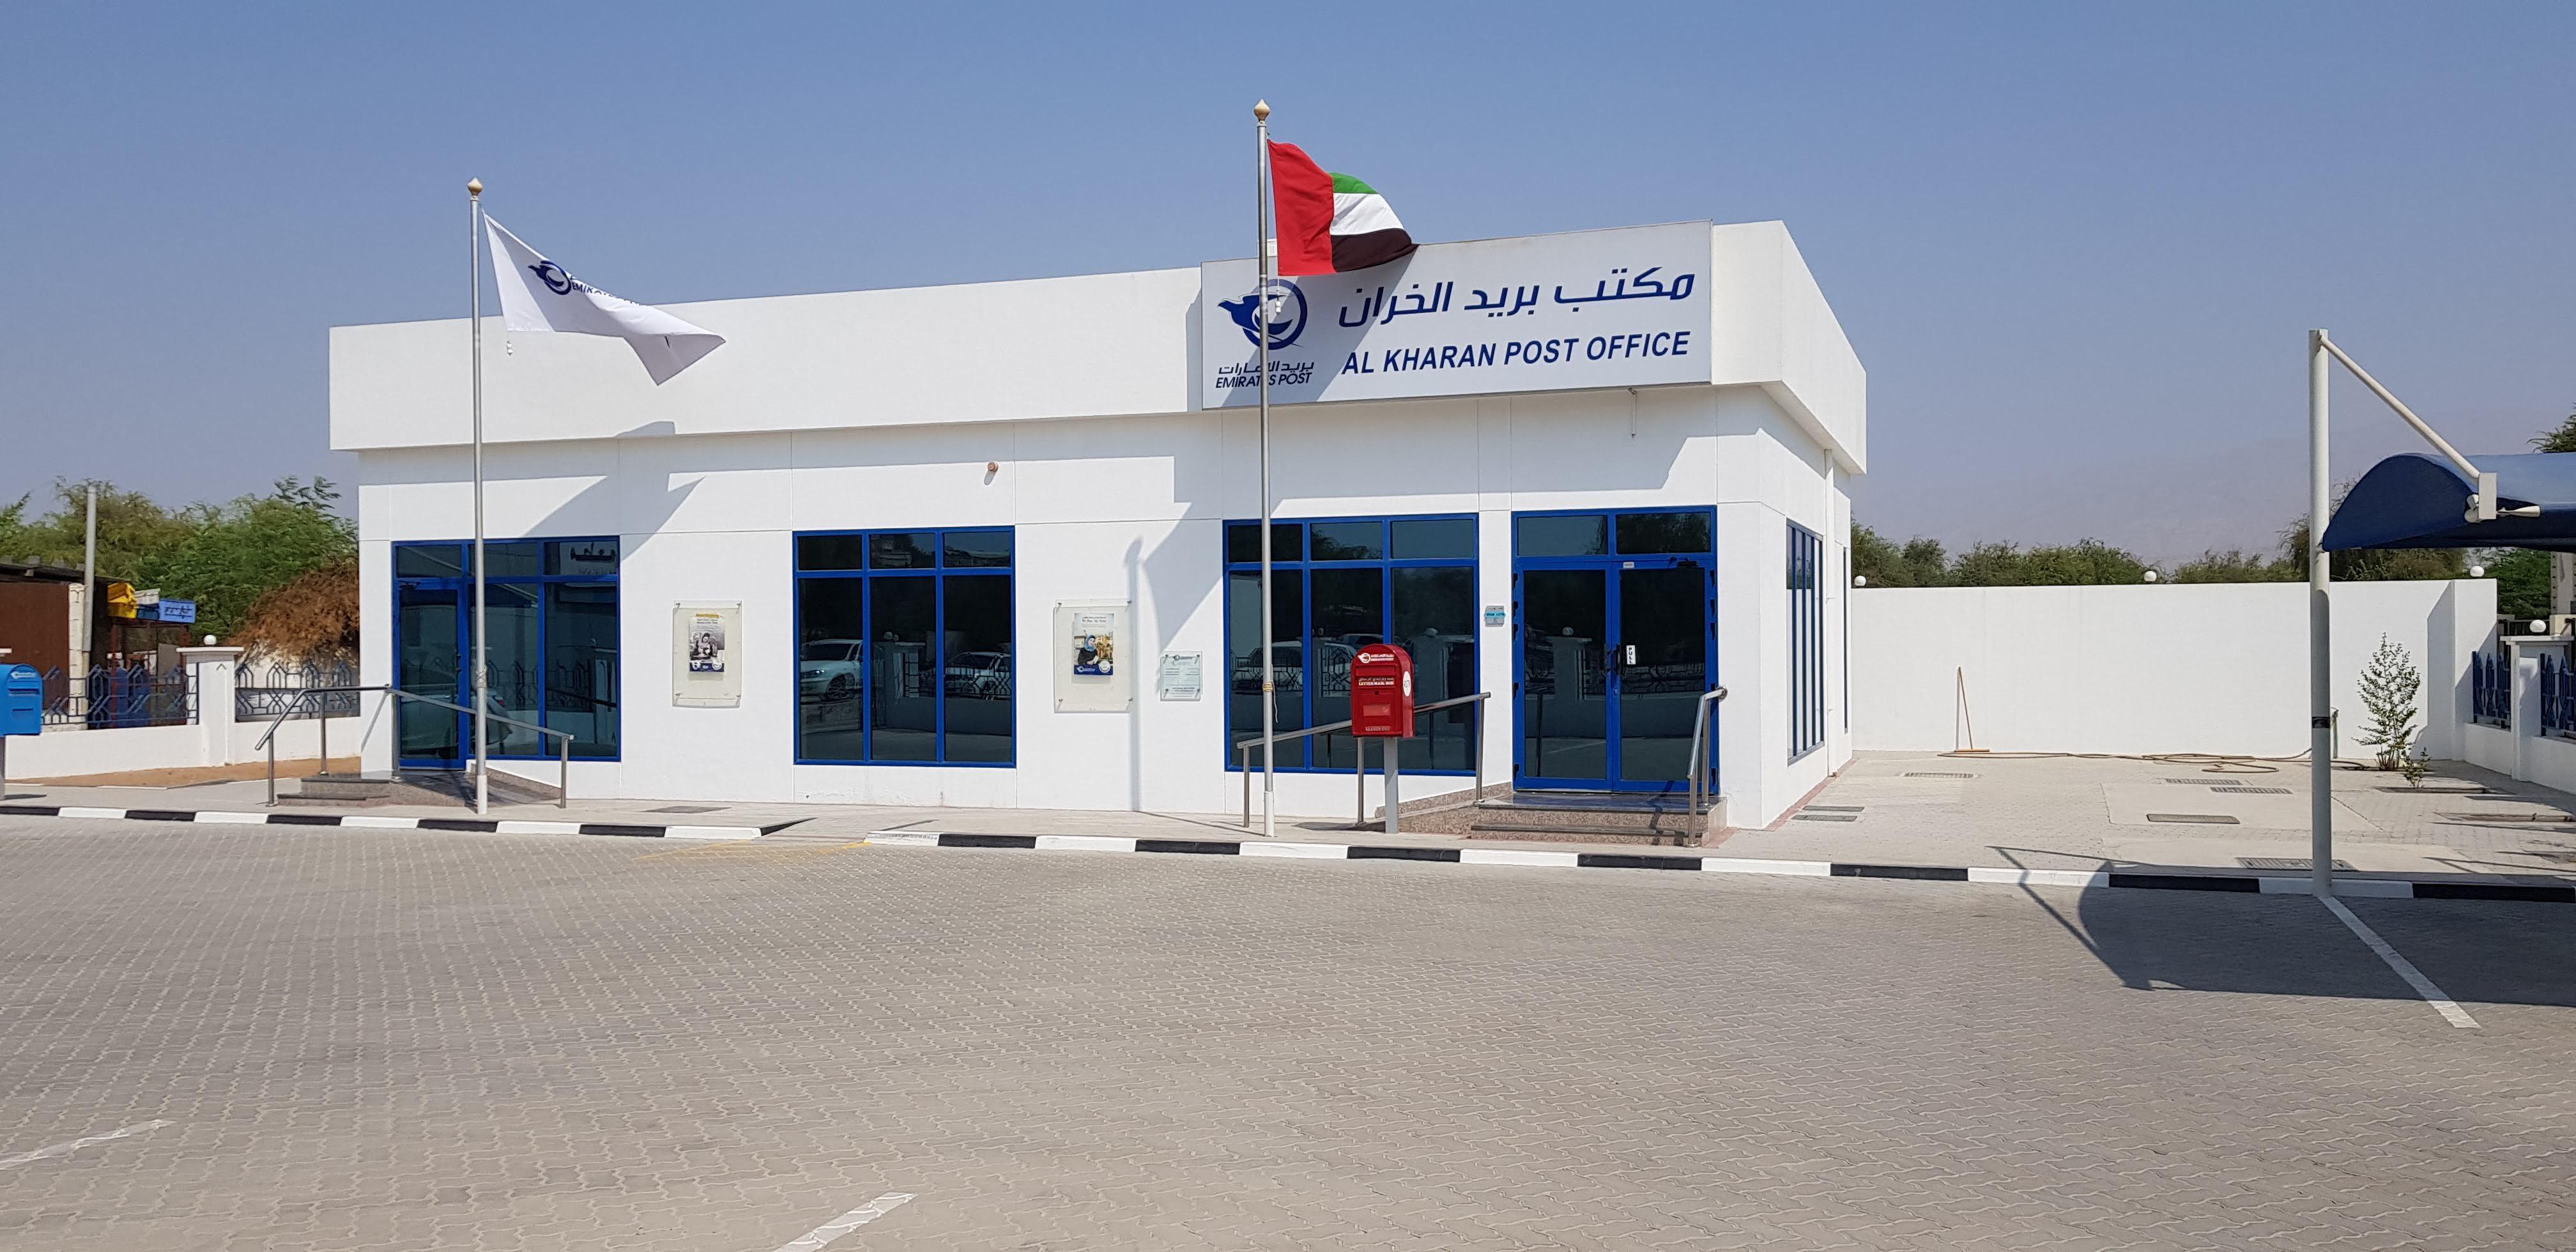 RAK Post Office